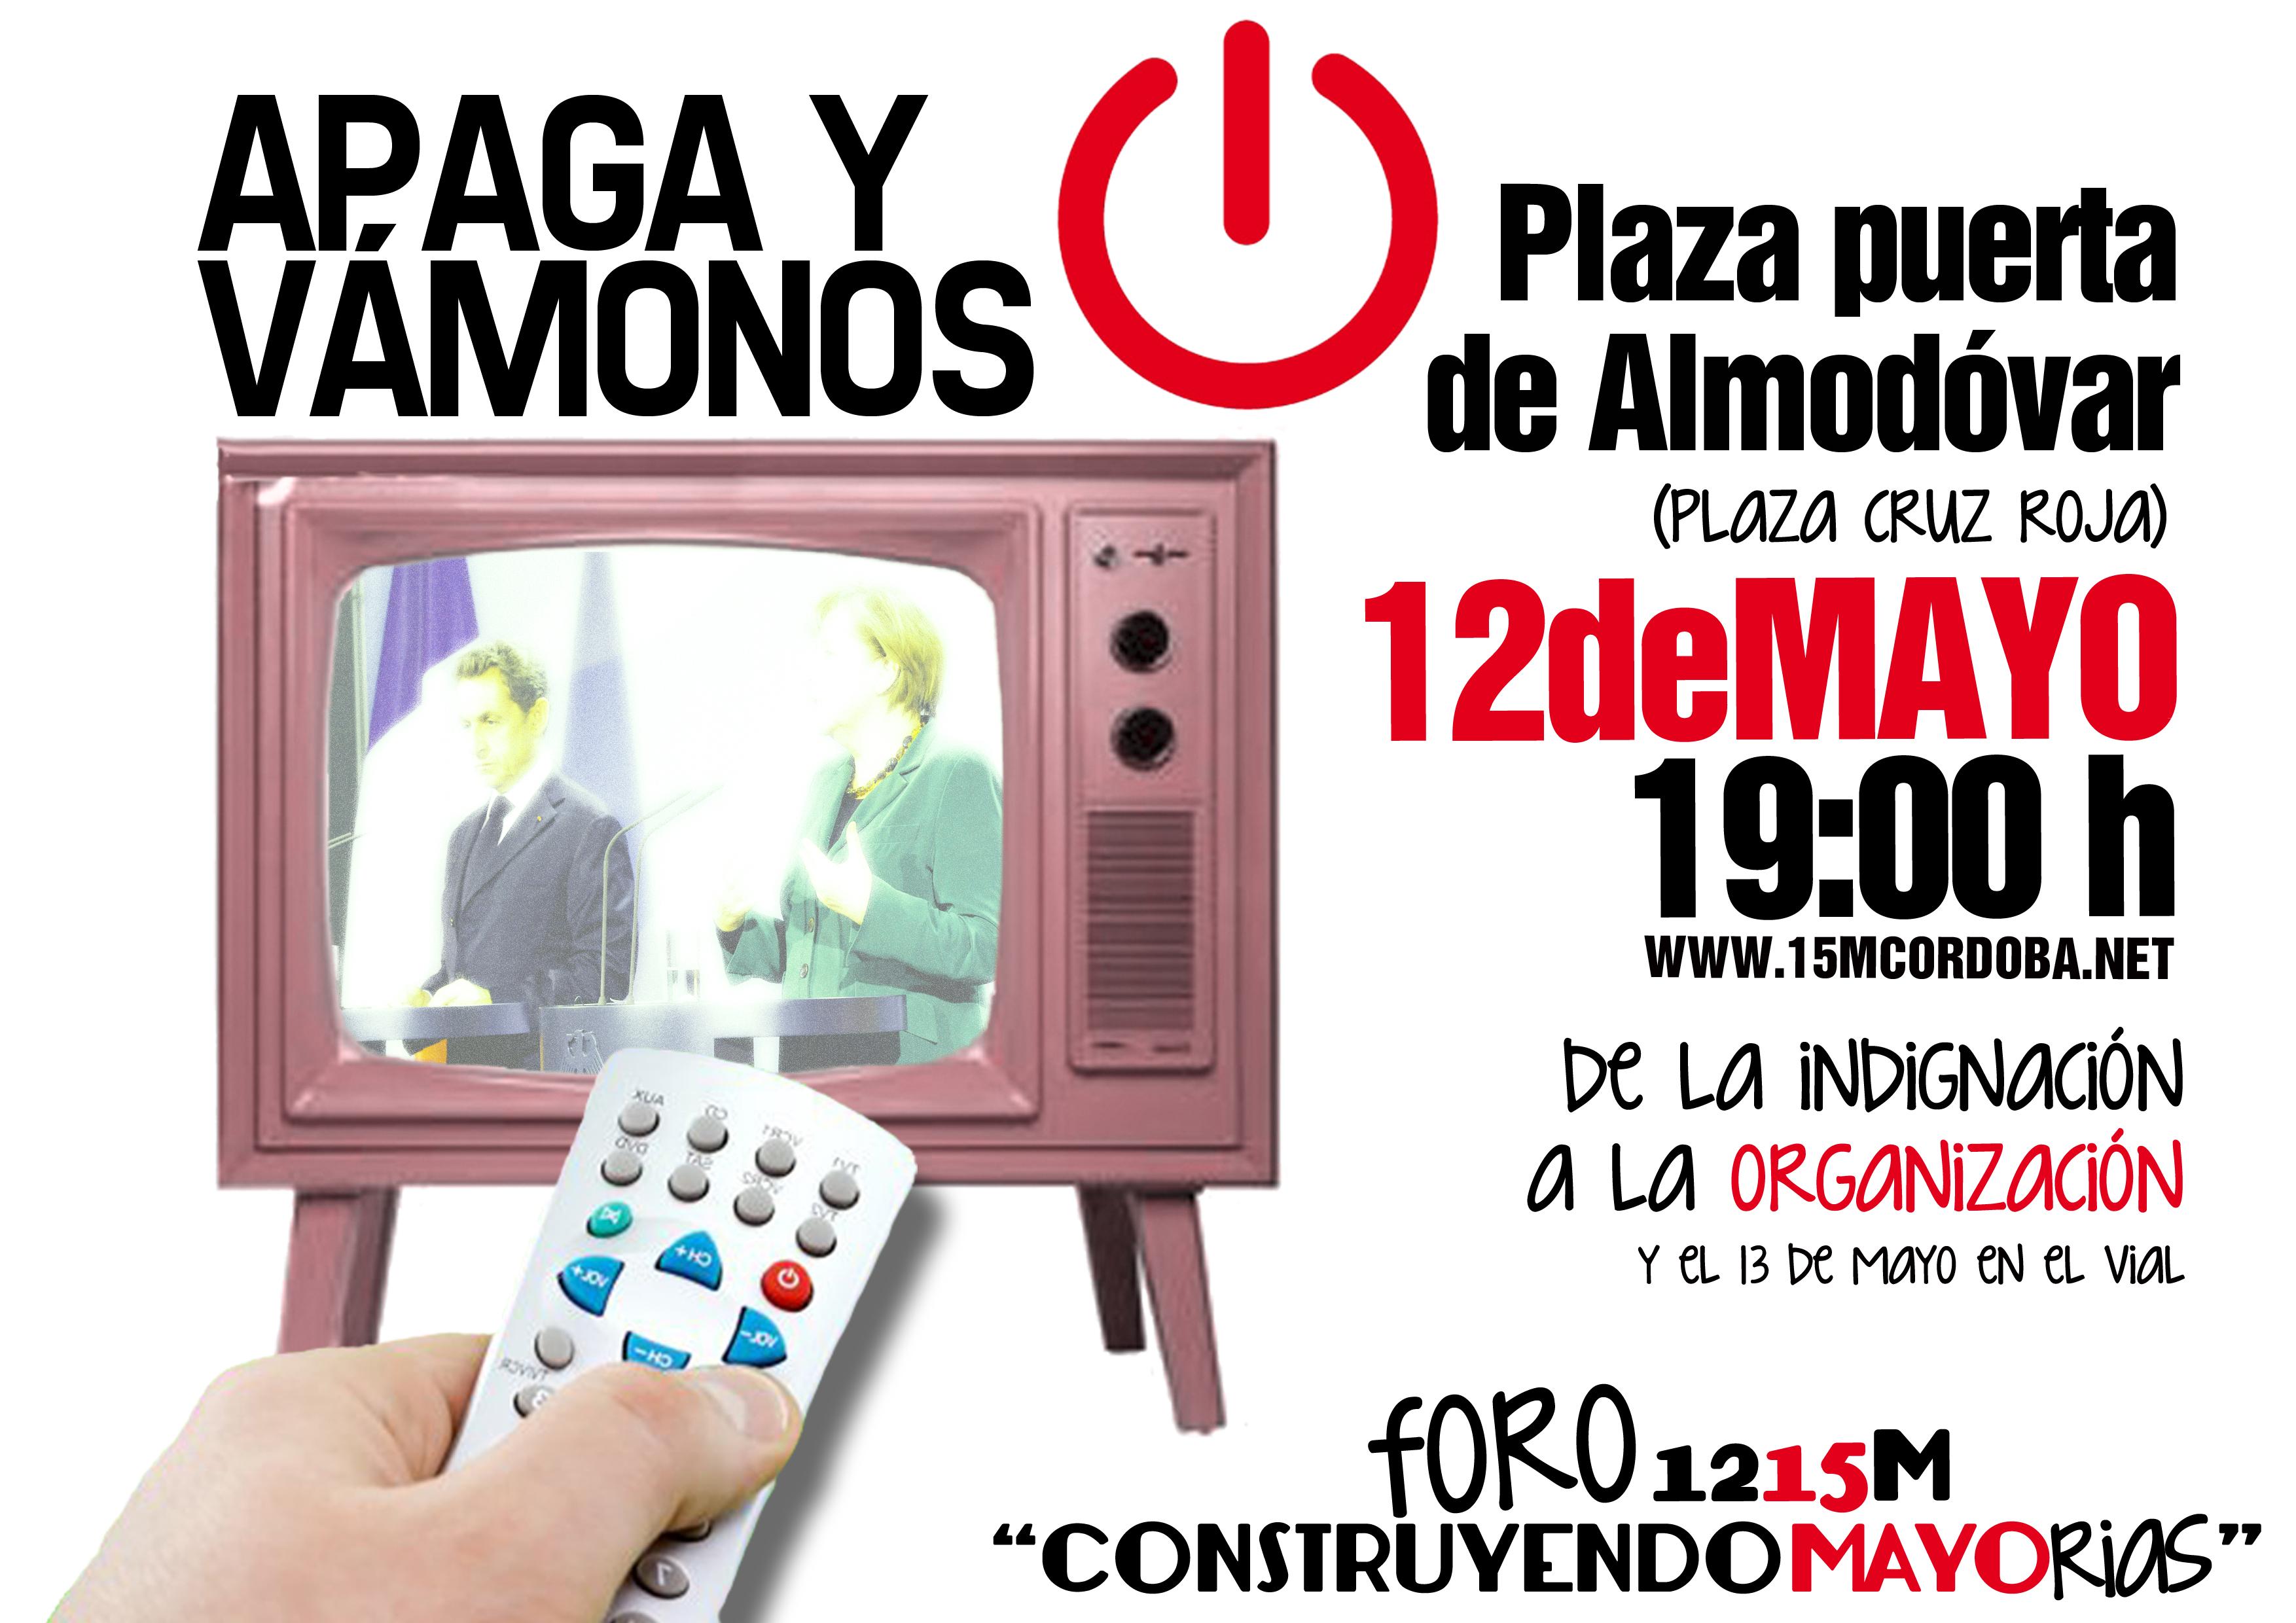 #12M15M: Frente al ataque a nuestros derechos y libertades. De la indignación a la organización.